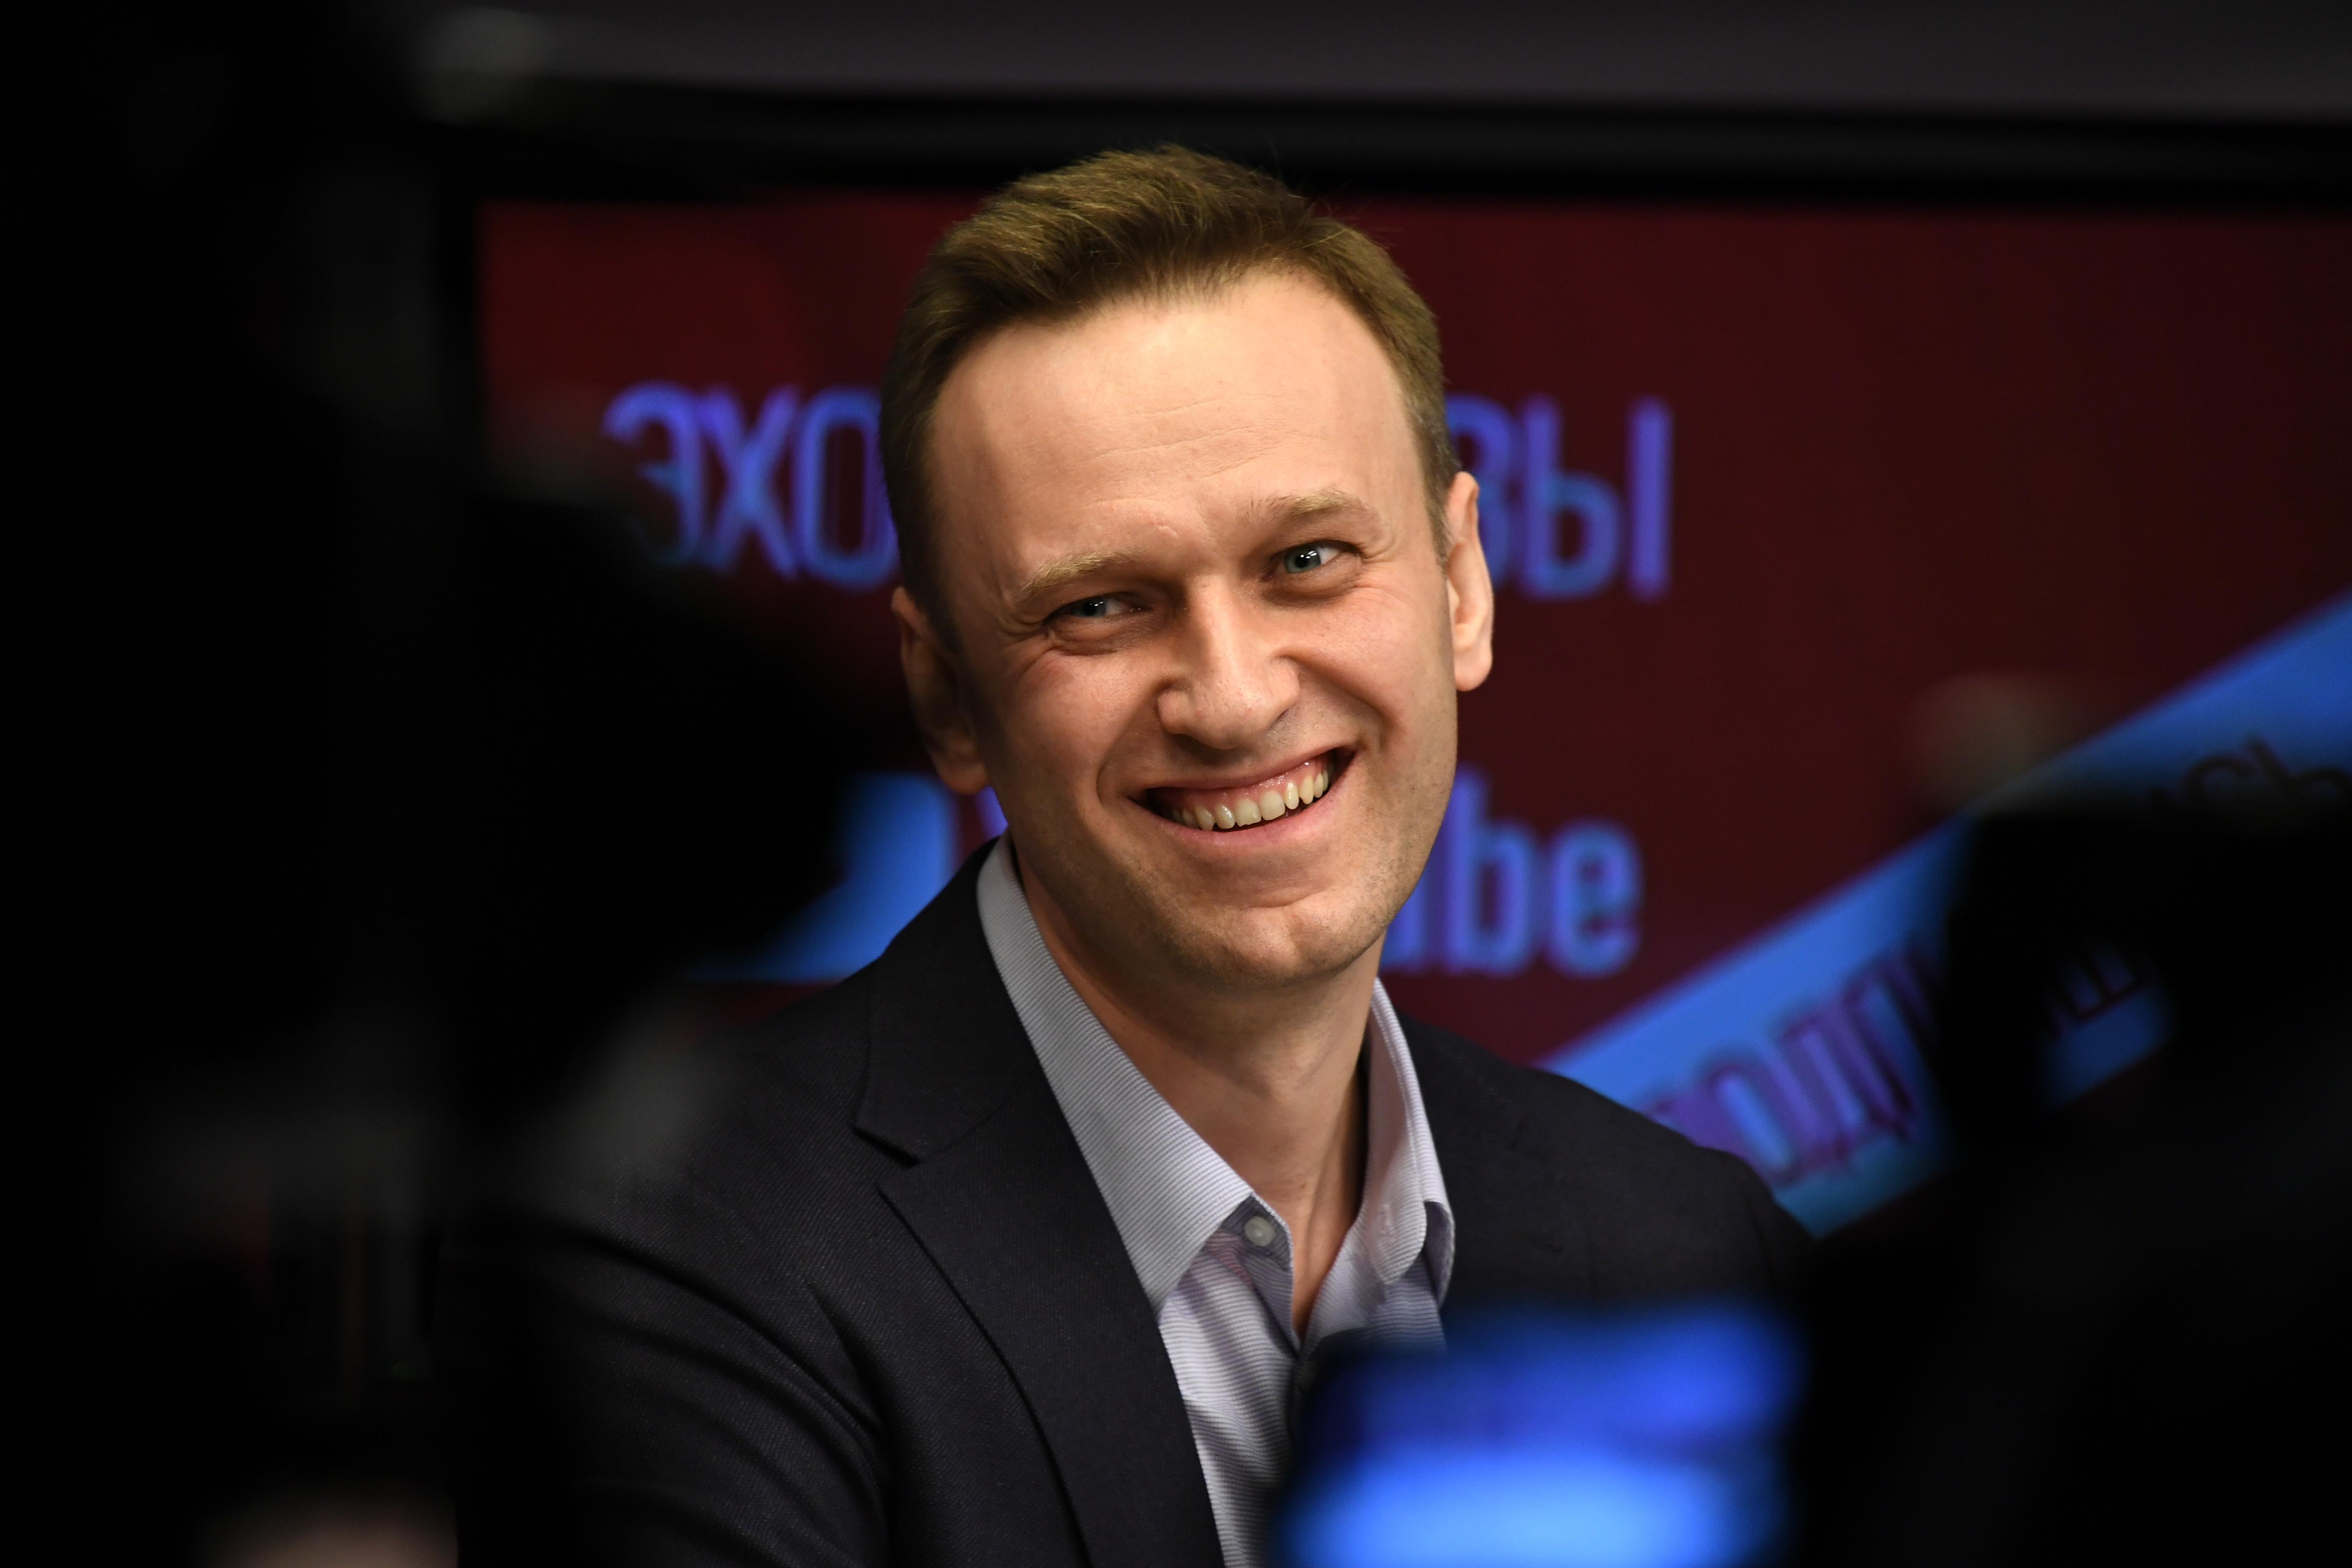 Навальный неожиданно поддержал конституционные поправки – в Сети обсуждают смену ориентации блогера